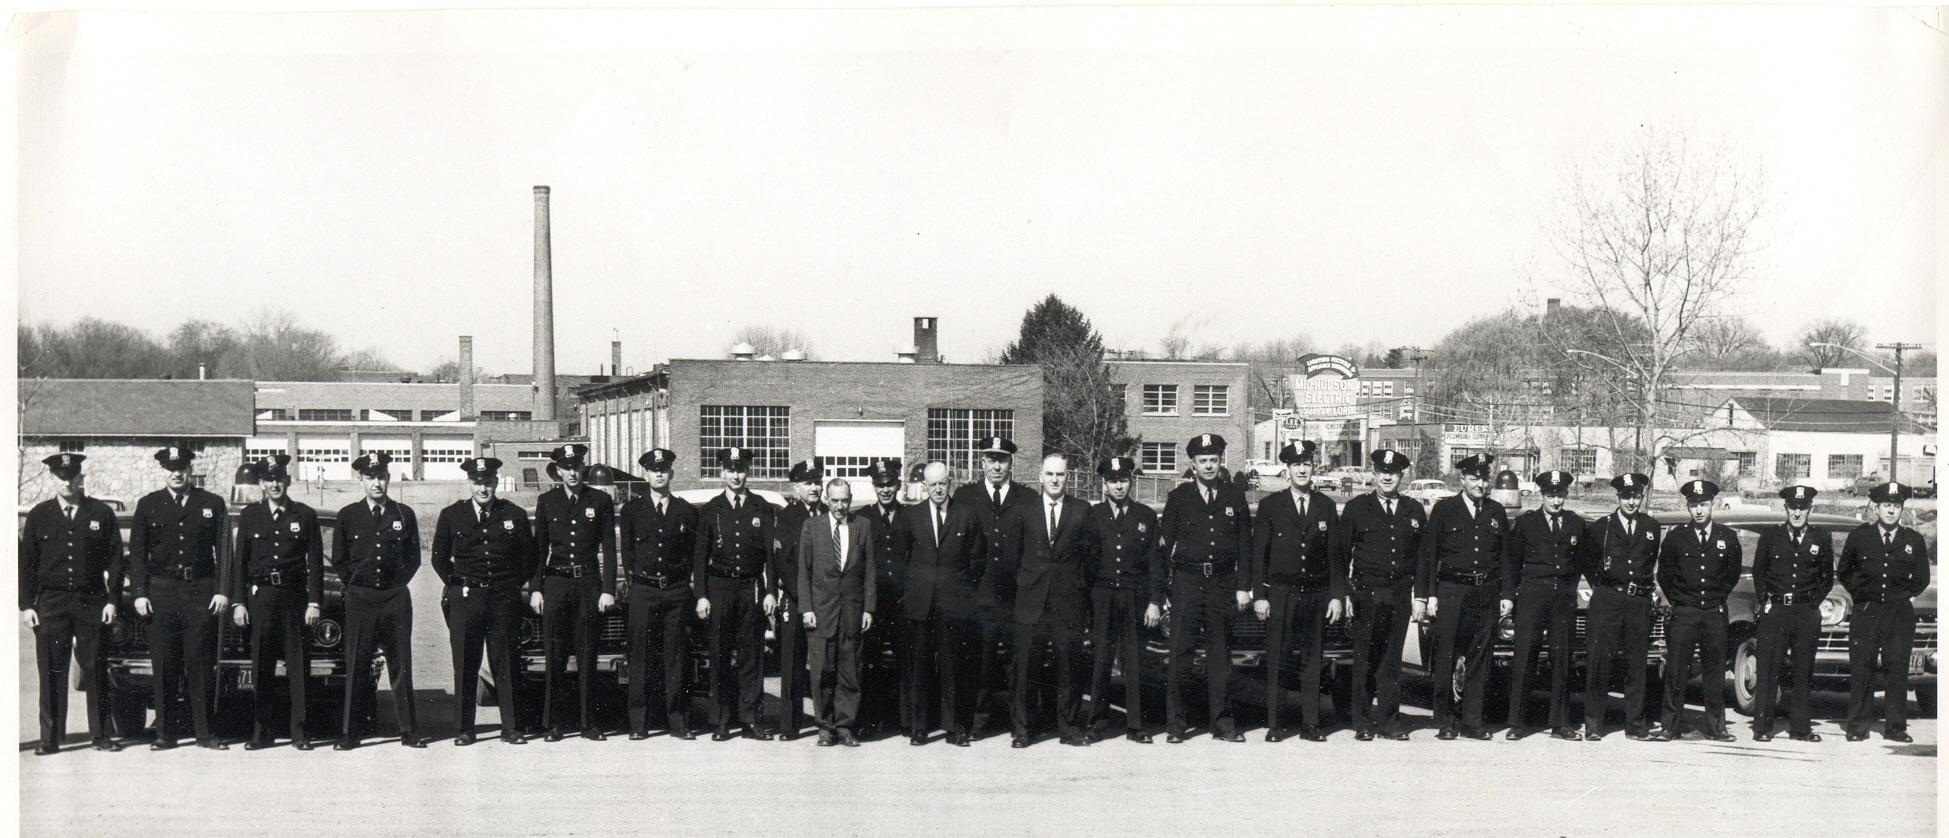 circa 1960